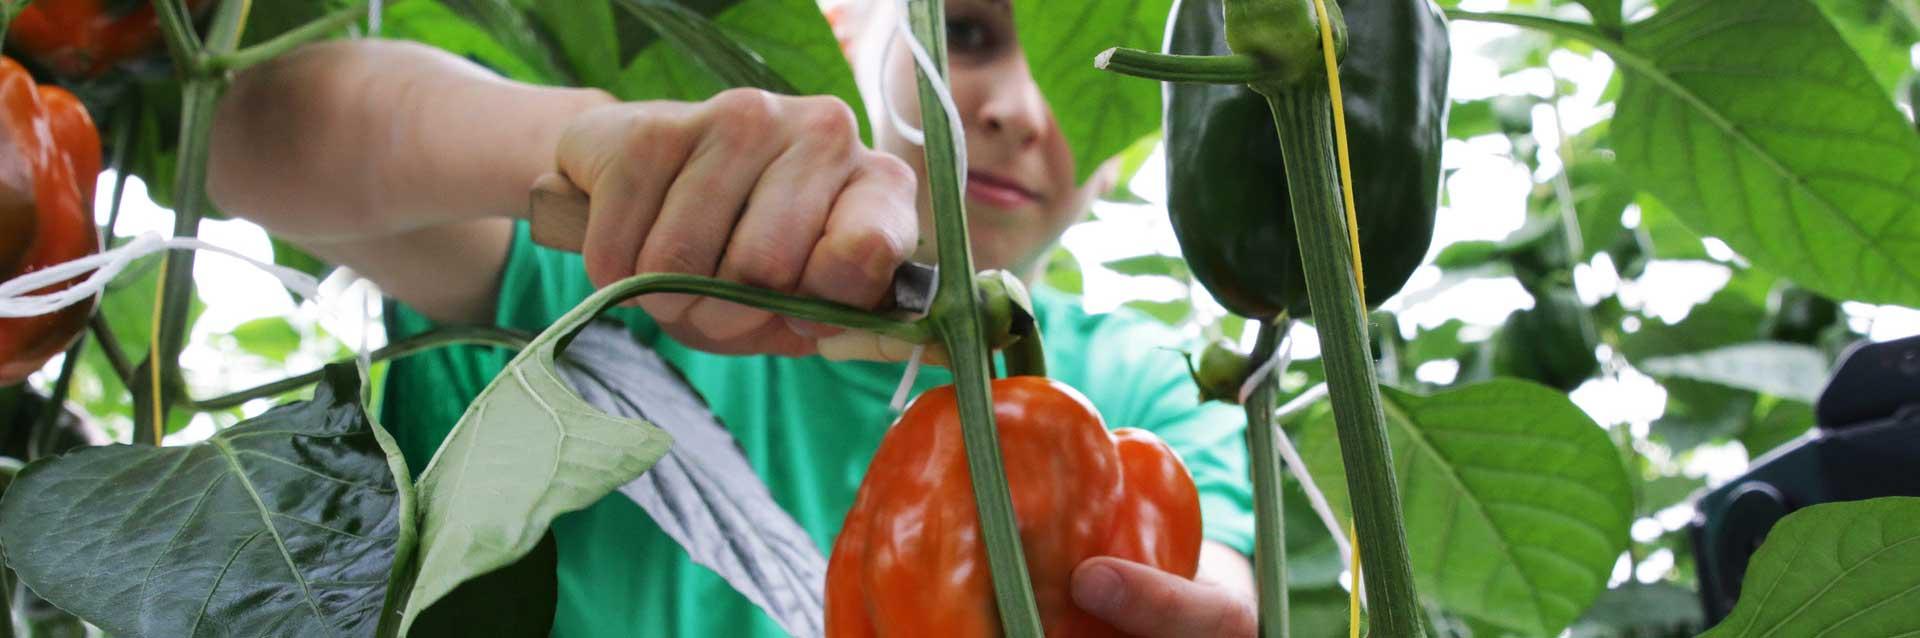 Gemüsebau Steiner - Nur vollreife Früchte von Hand geerntet